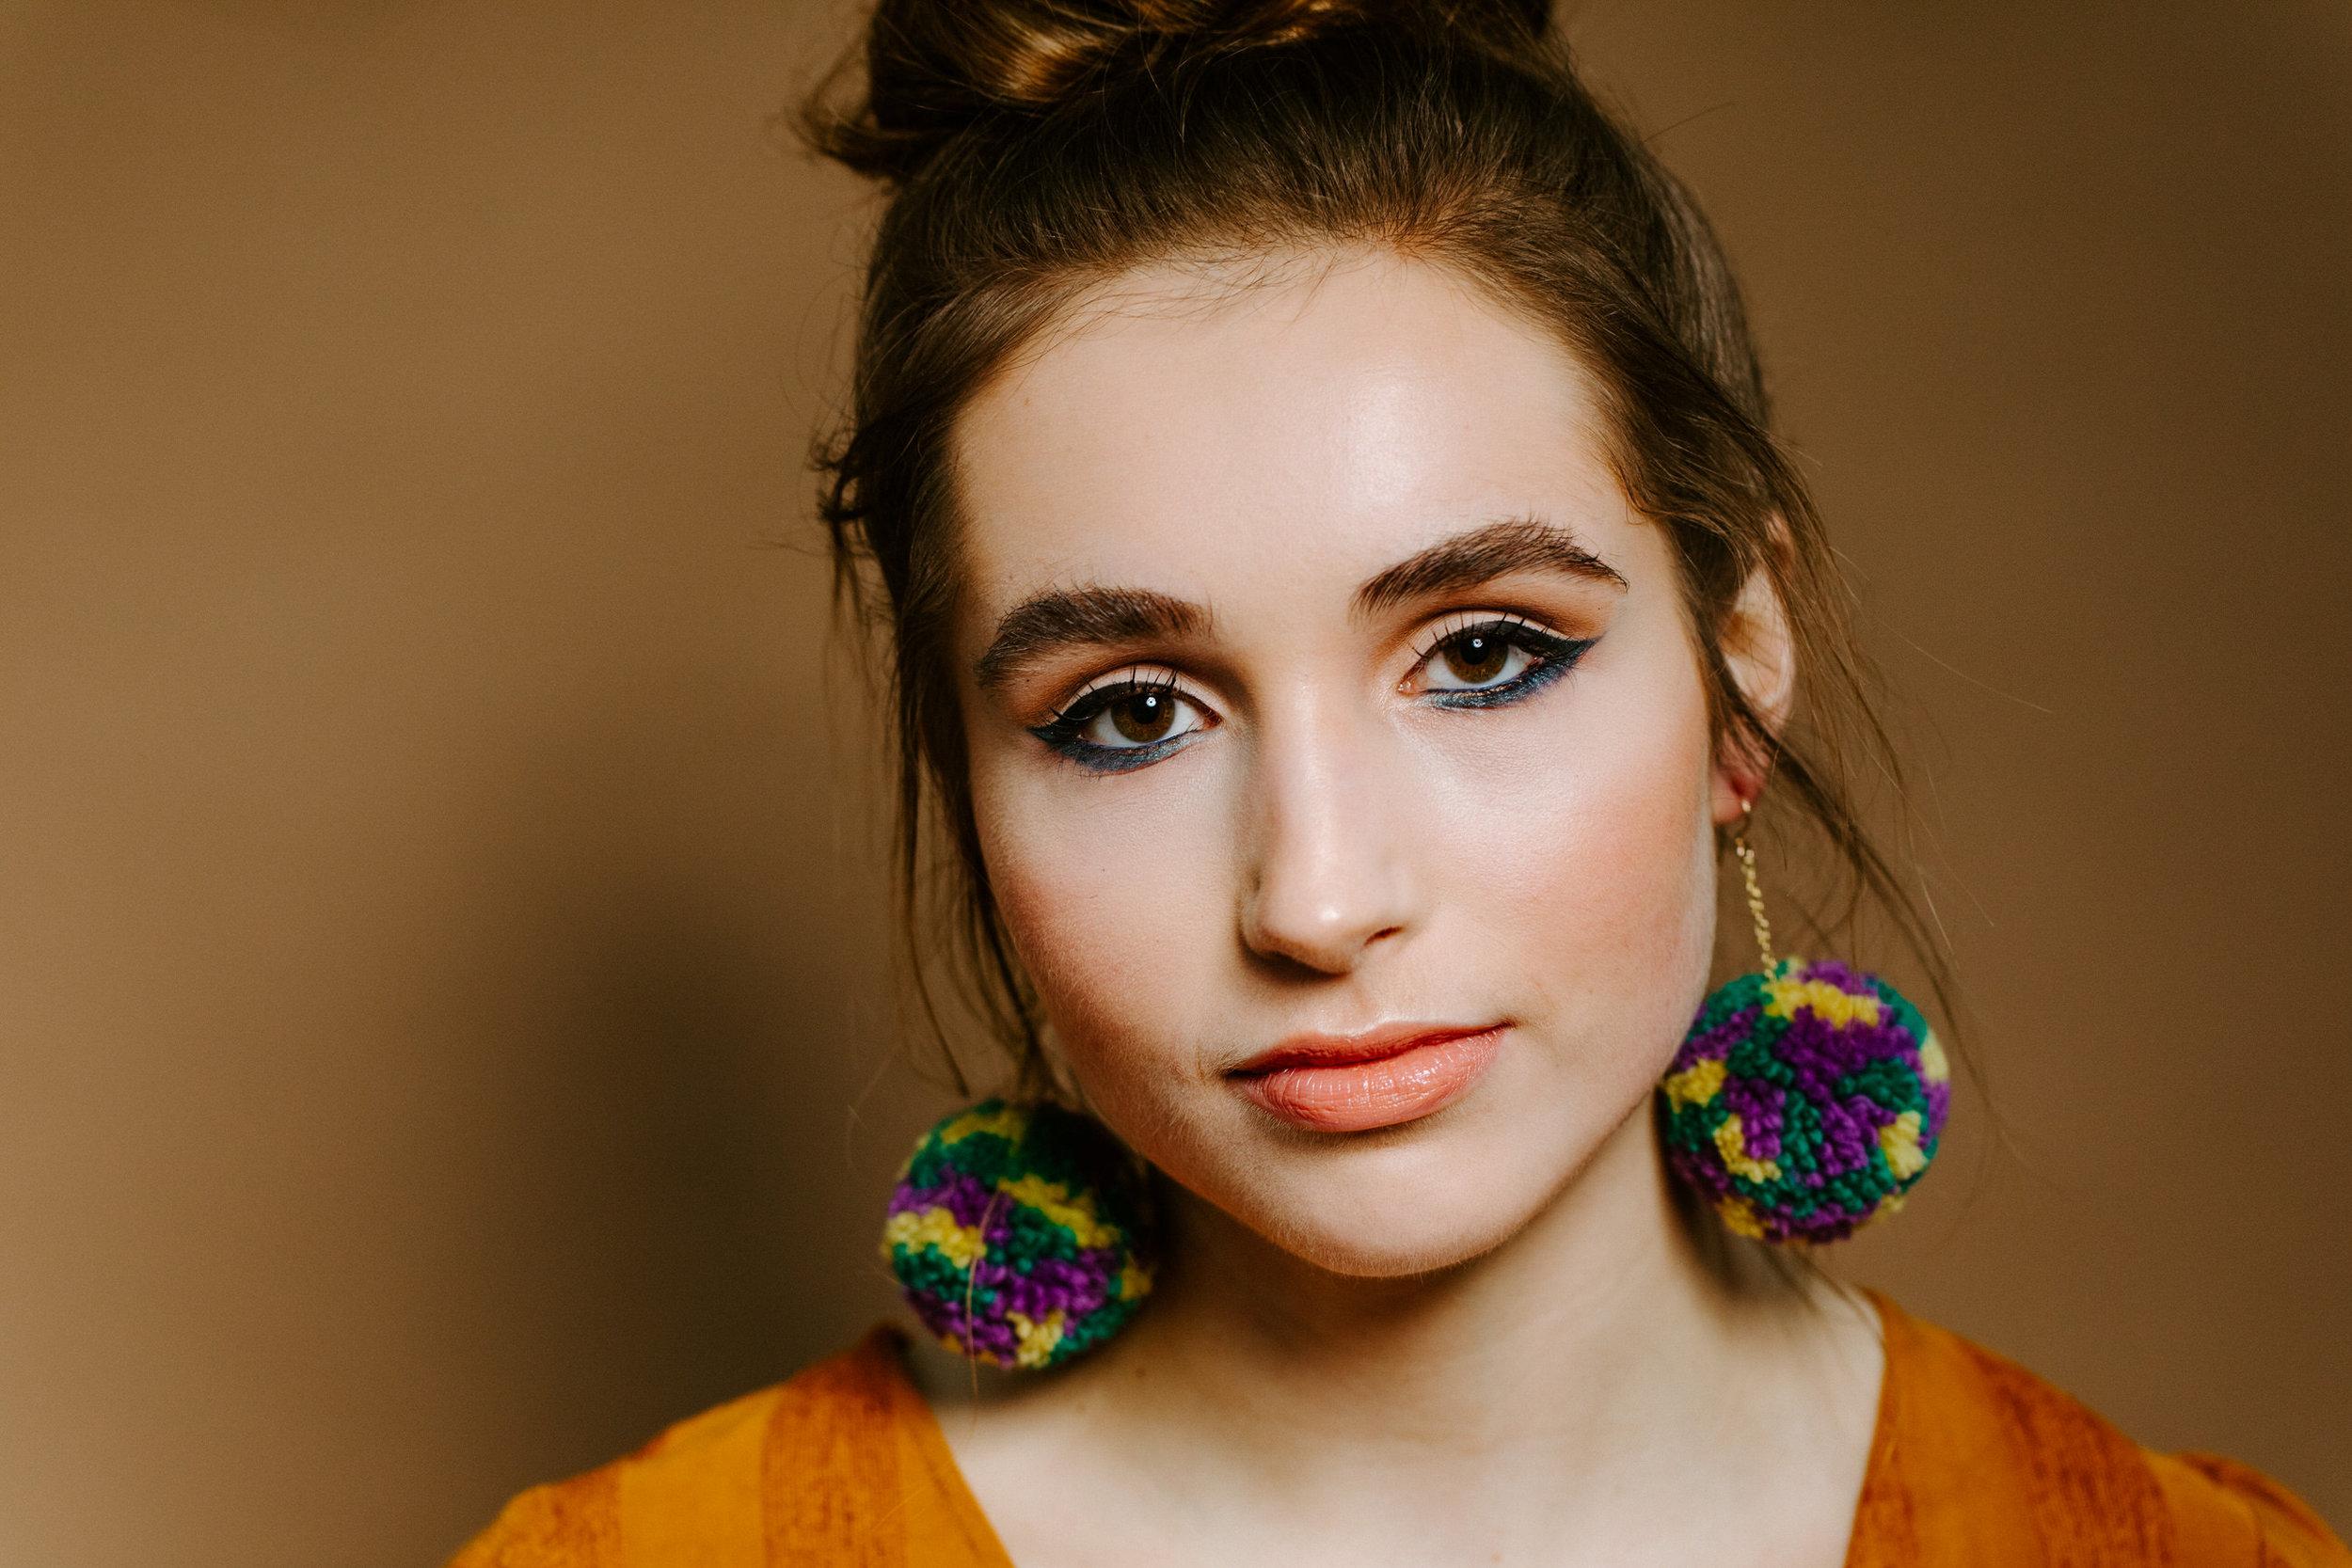 rebekah-earrings-8501.jpg